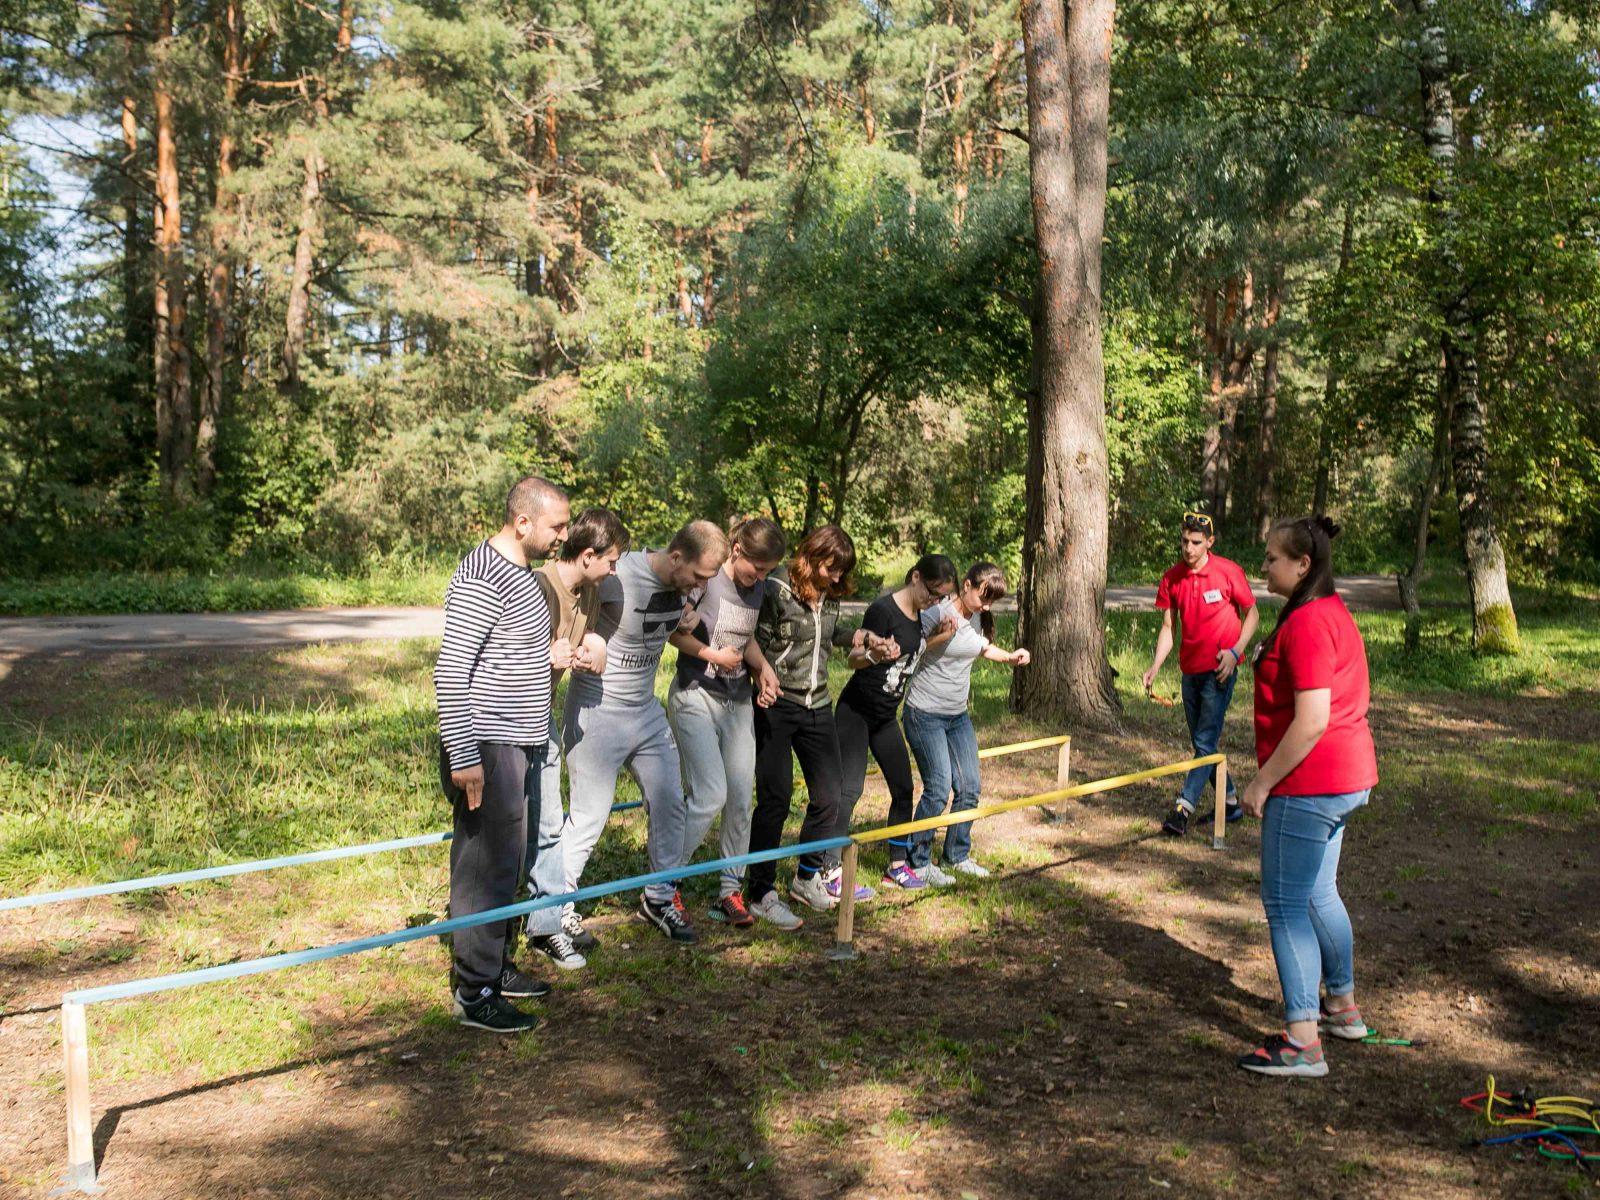 Фото проведения тимбилдинга по программе Барьер от Red-g